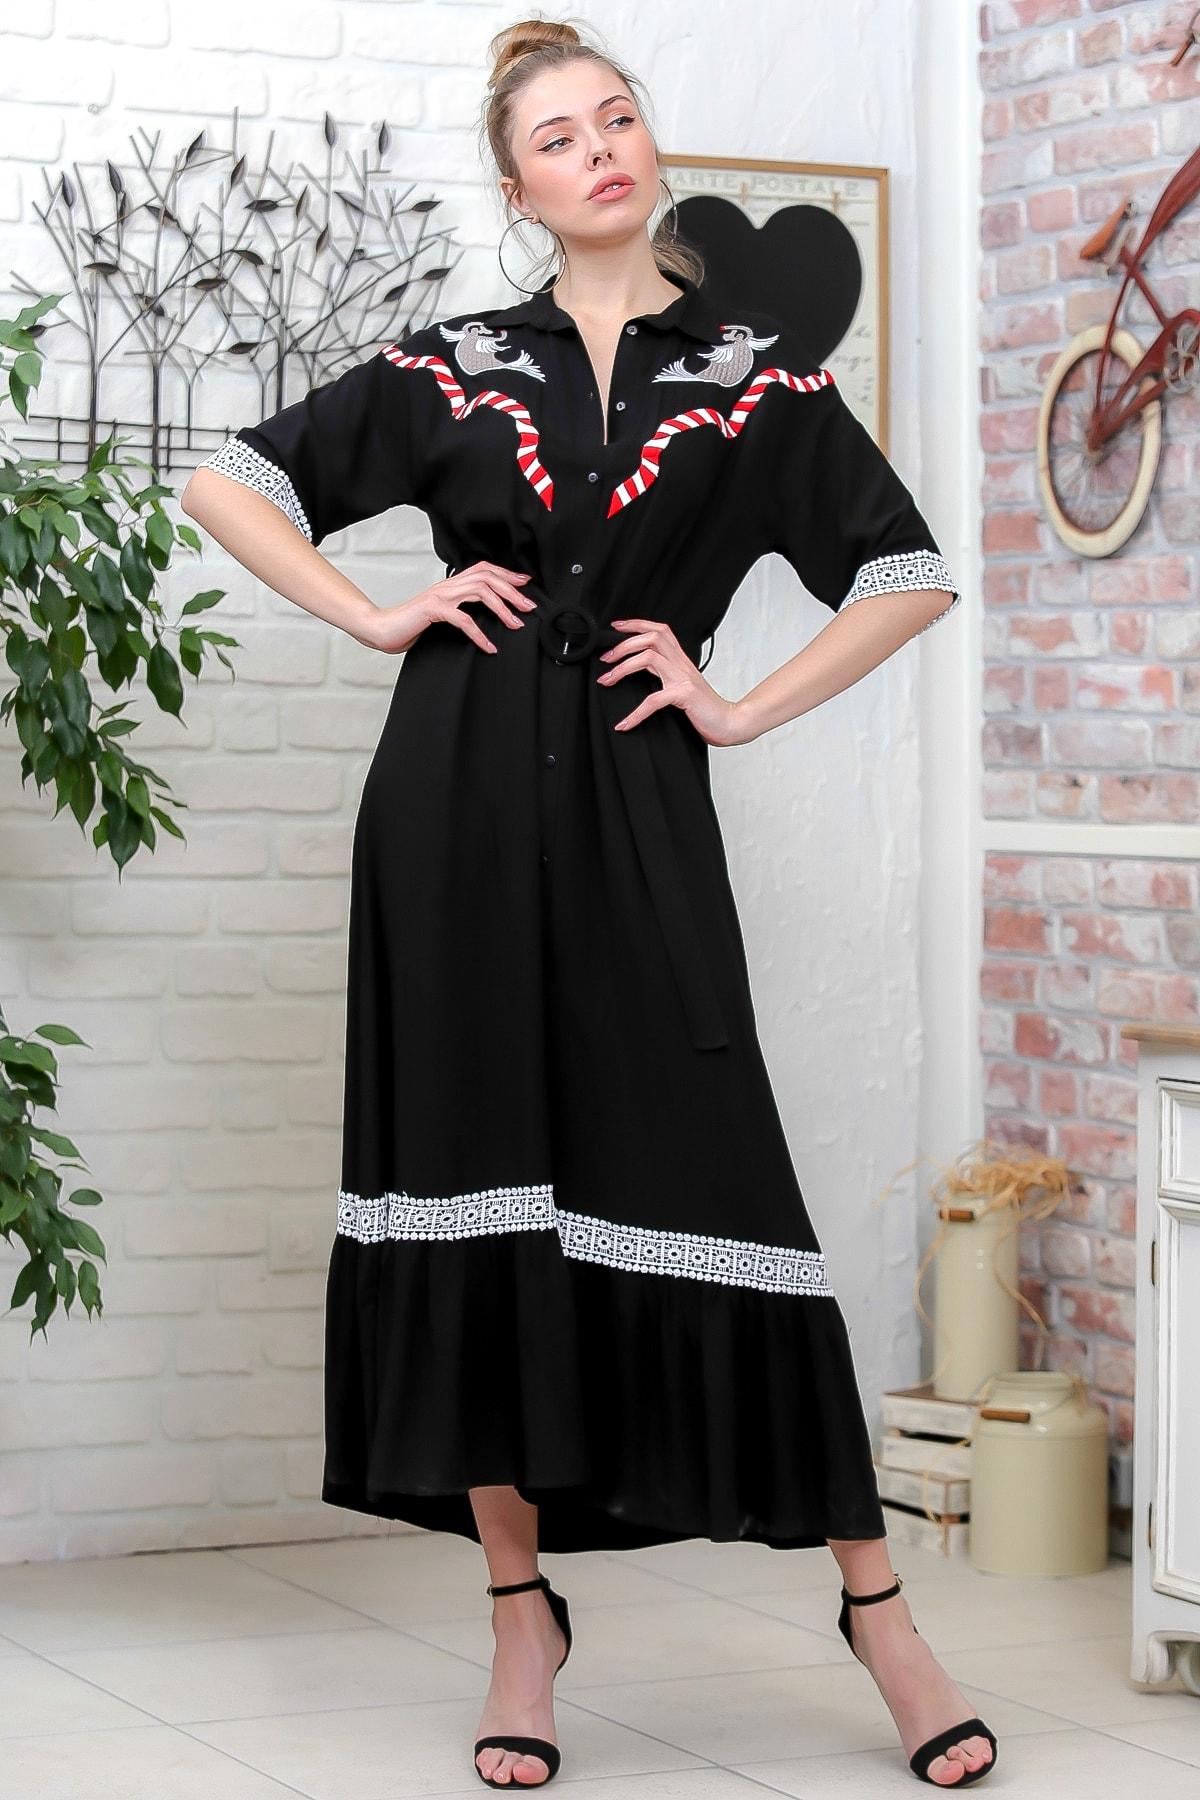 Chiccy Kadın Siyah Koi Balık Nakışlı Gömlek Yaka Düğmeli Tokalı Kuşaklı Uzun Dokuma Elbise M10160000EL95605